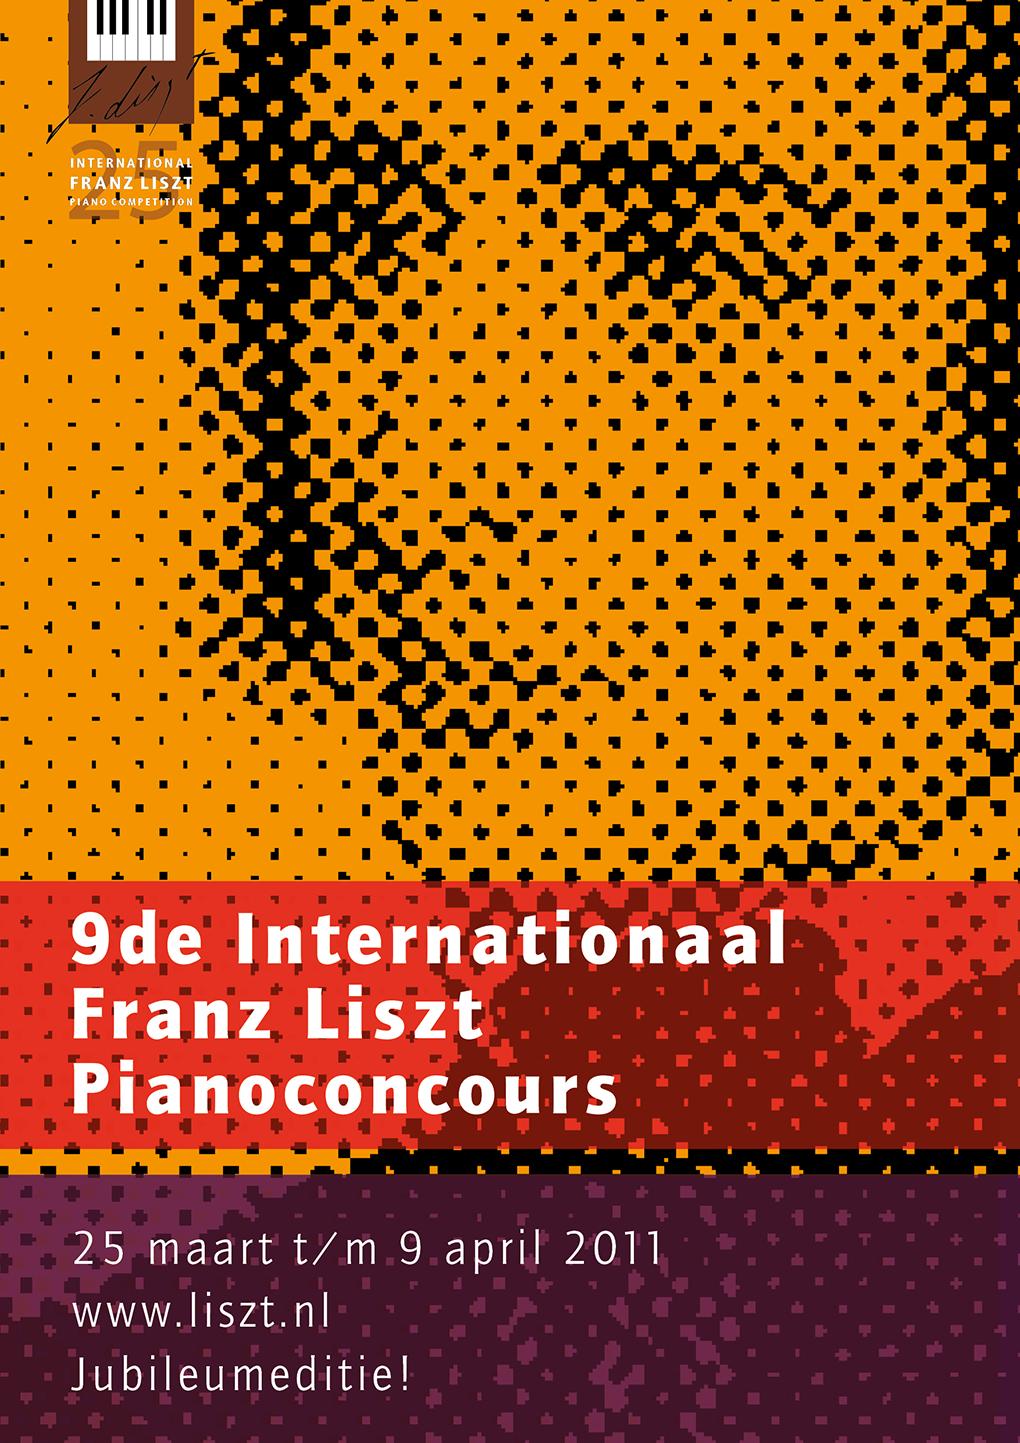 Franz Liszt concours